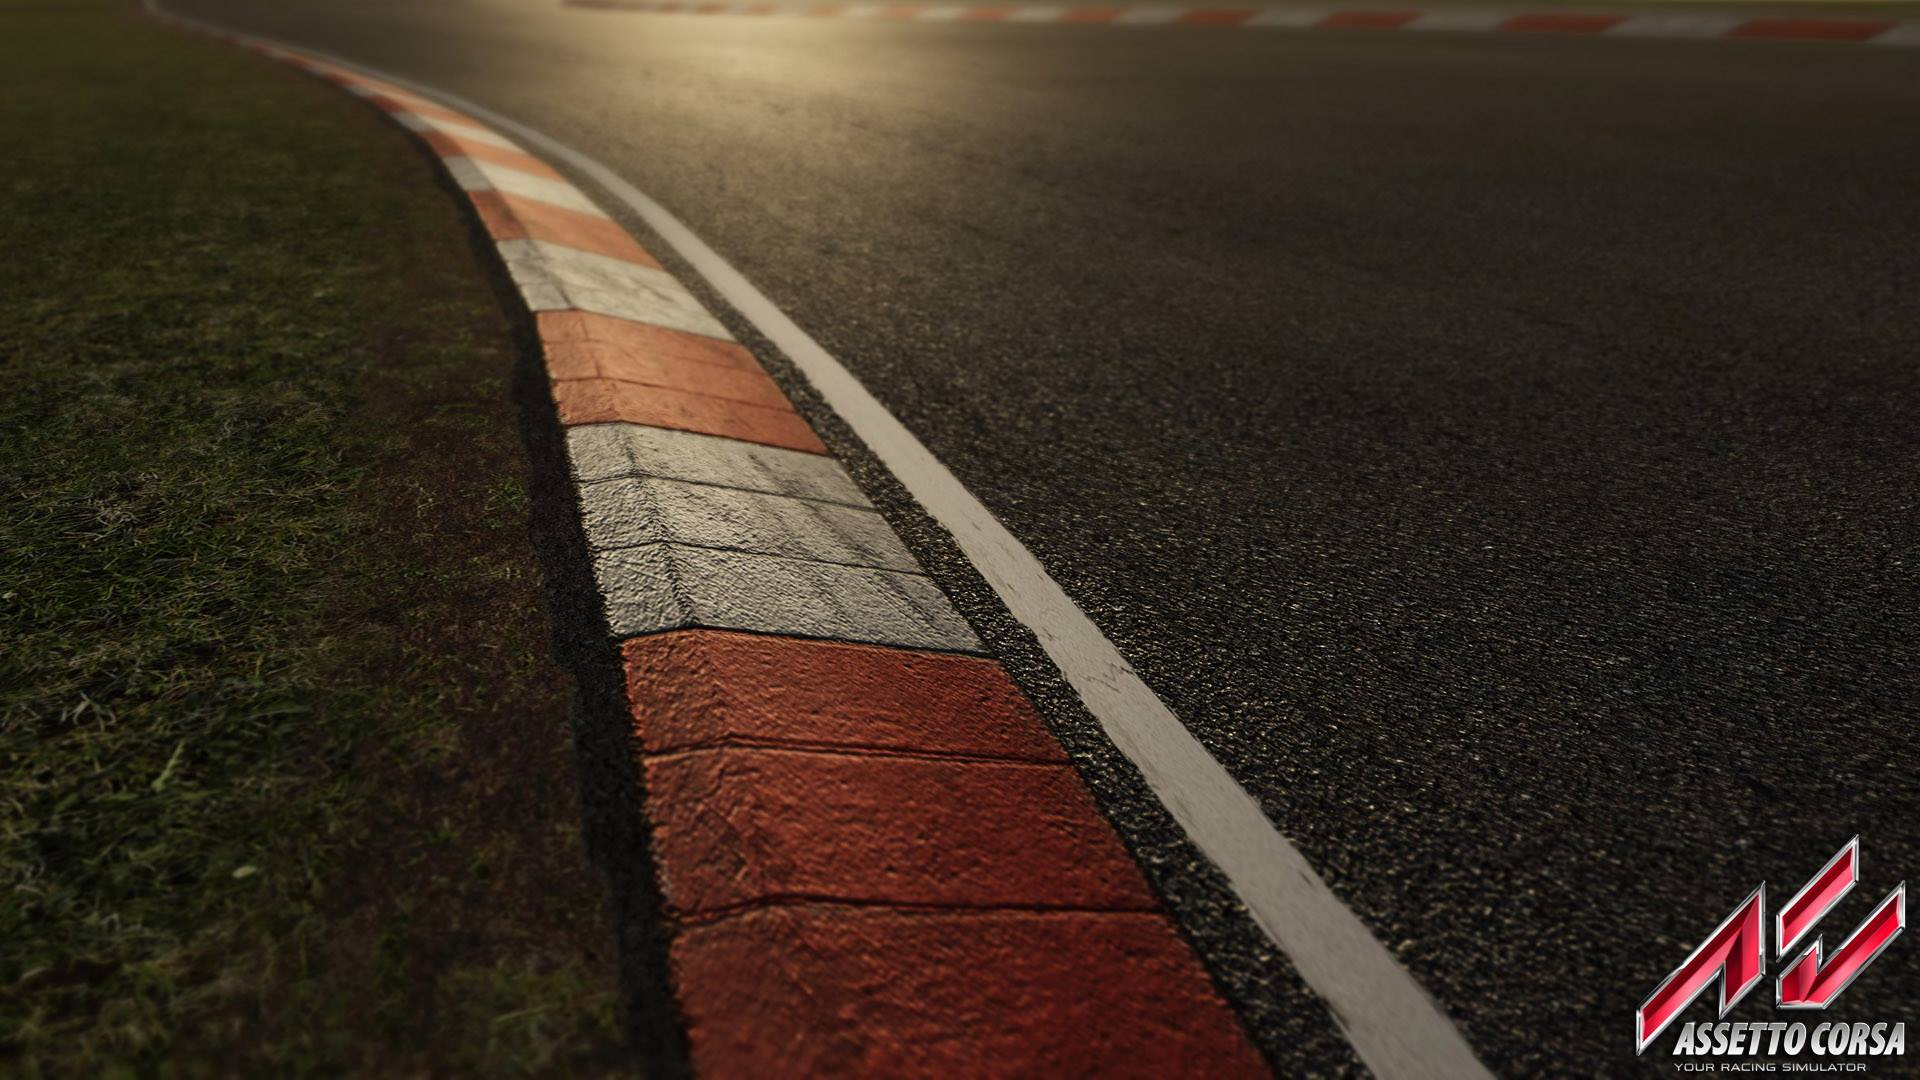 Assetto Corsa: Egészen élethű lesz a legendás Nordschleife versenypálya a játékban